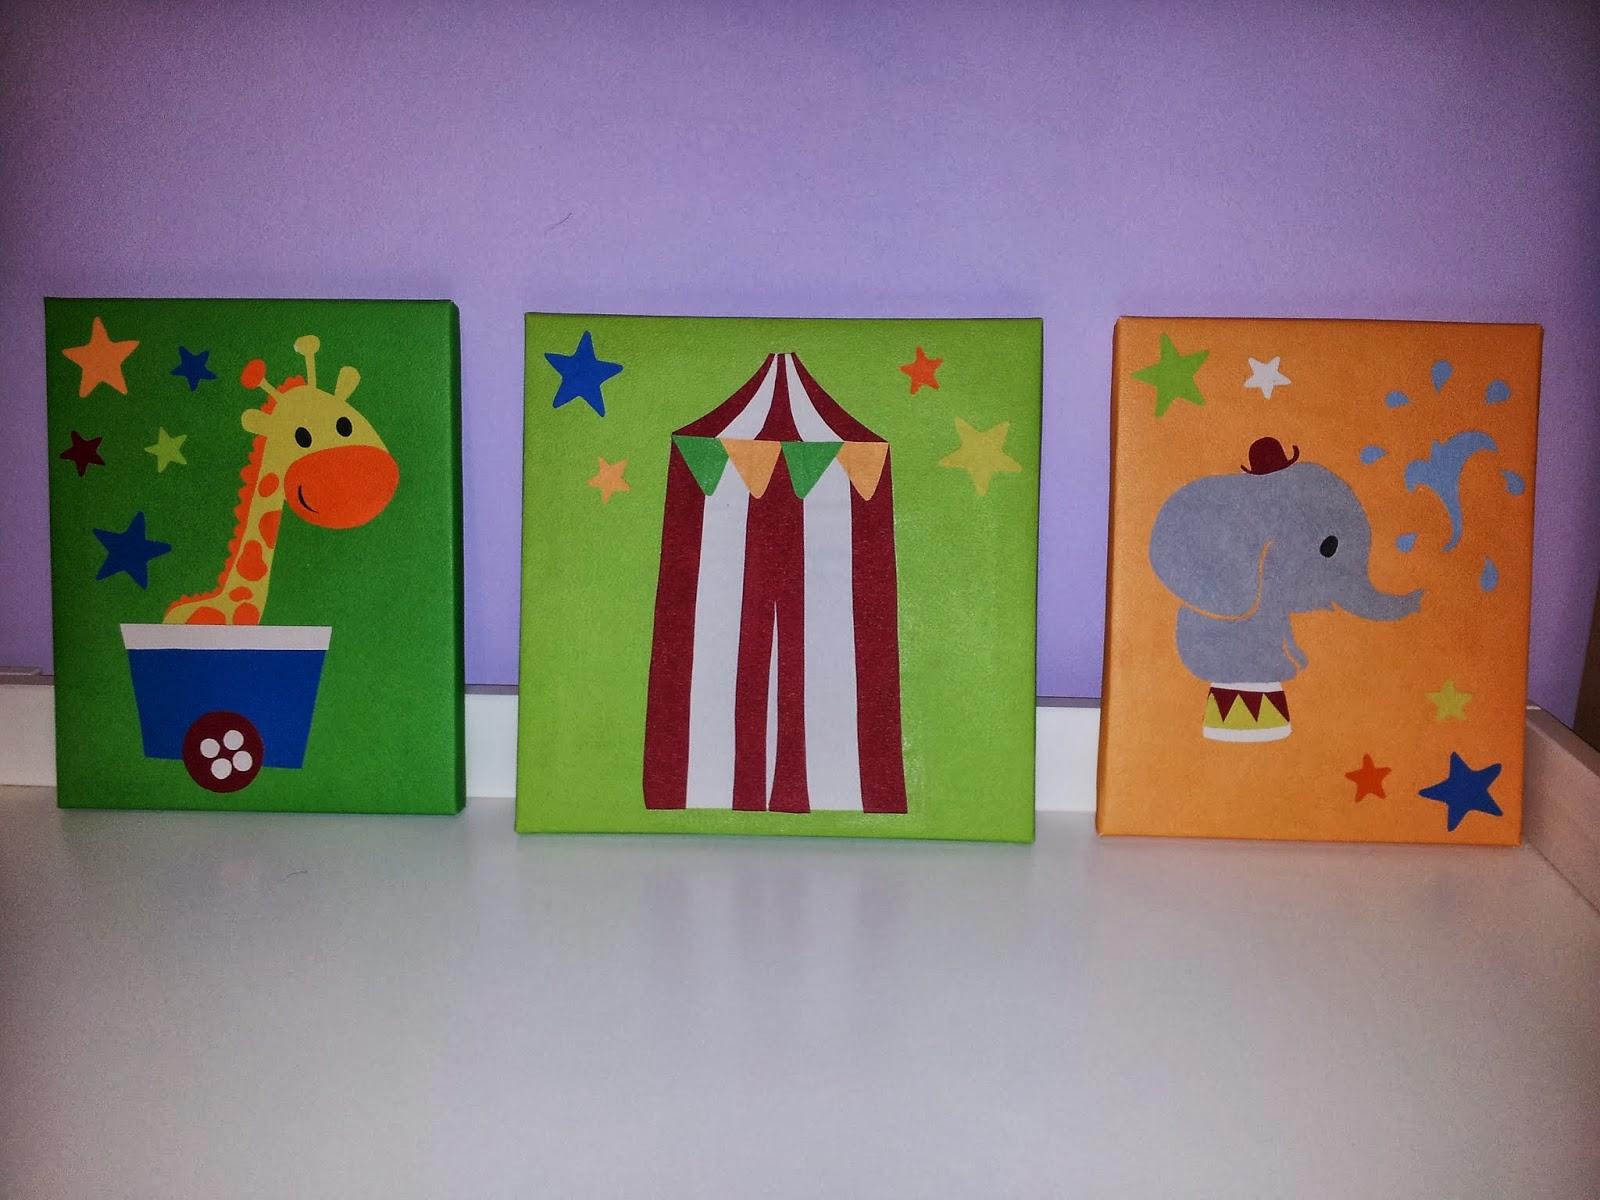 Mam s todoterreno lienzos para el cuarto de un bebe - Cuadros para habitacion de bebe ...